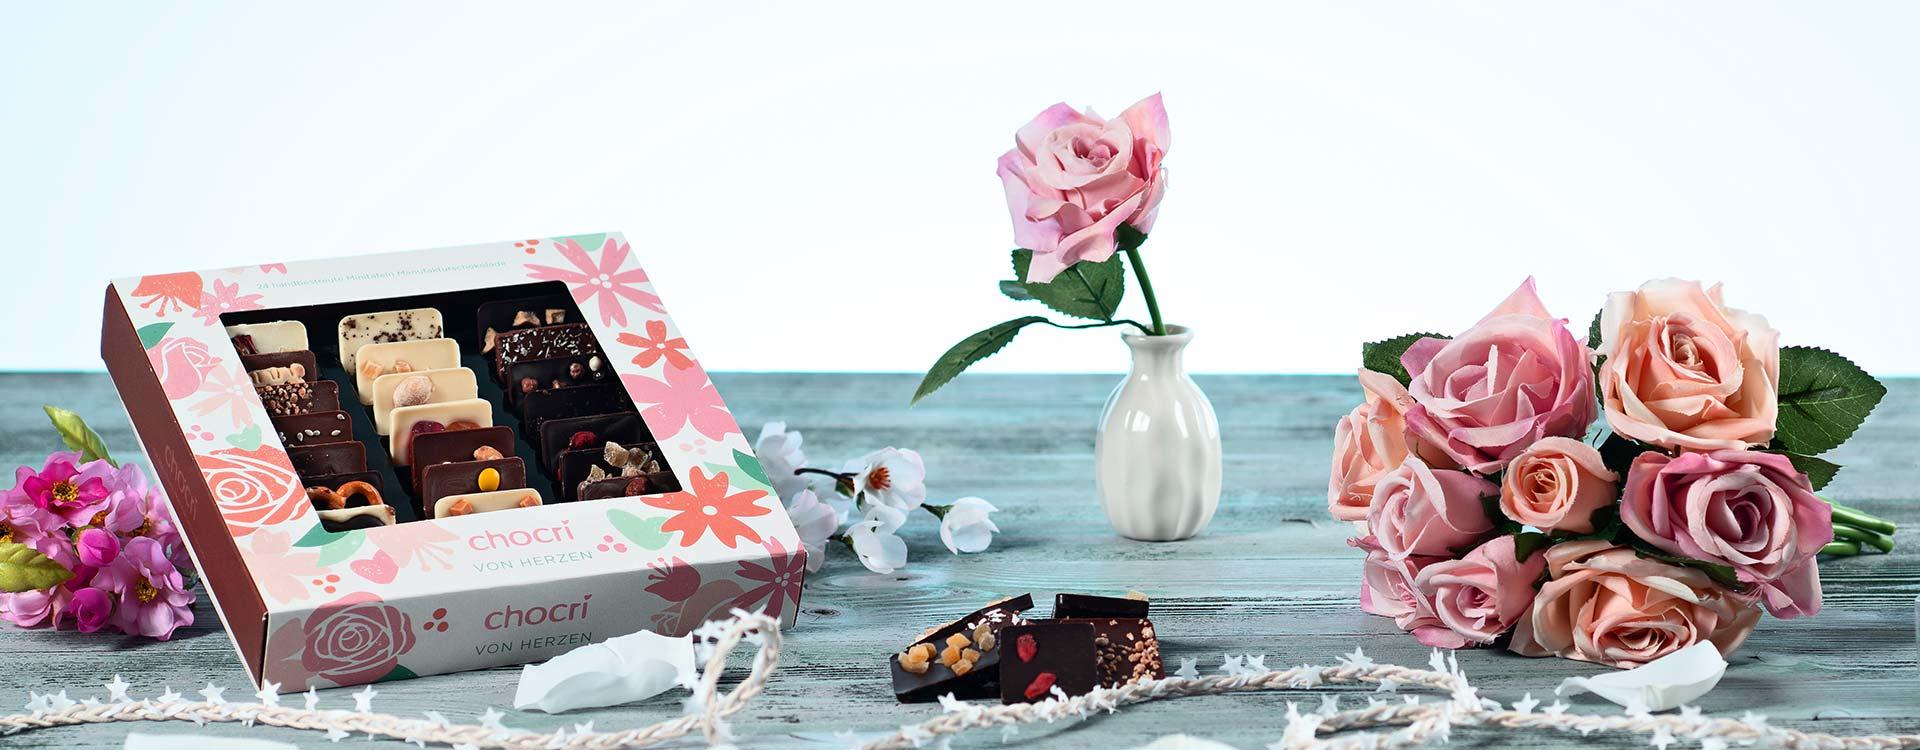 Am zweiten Sonntag im Mai – am Muttertag – sagen wir Kinder unseren Müttern gerne mit Blumen, Schokolade und Geschenken lieb Dankeschön